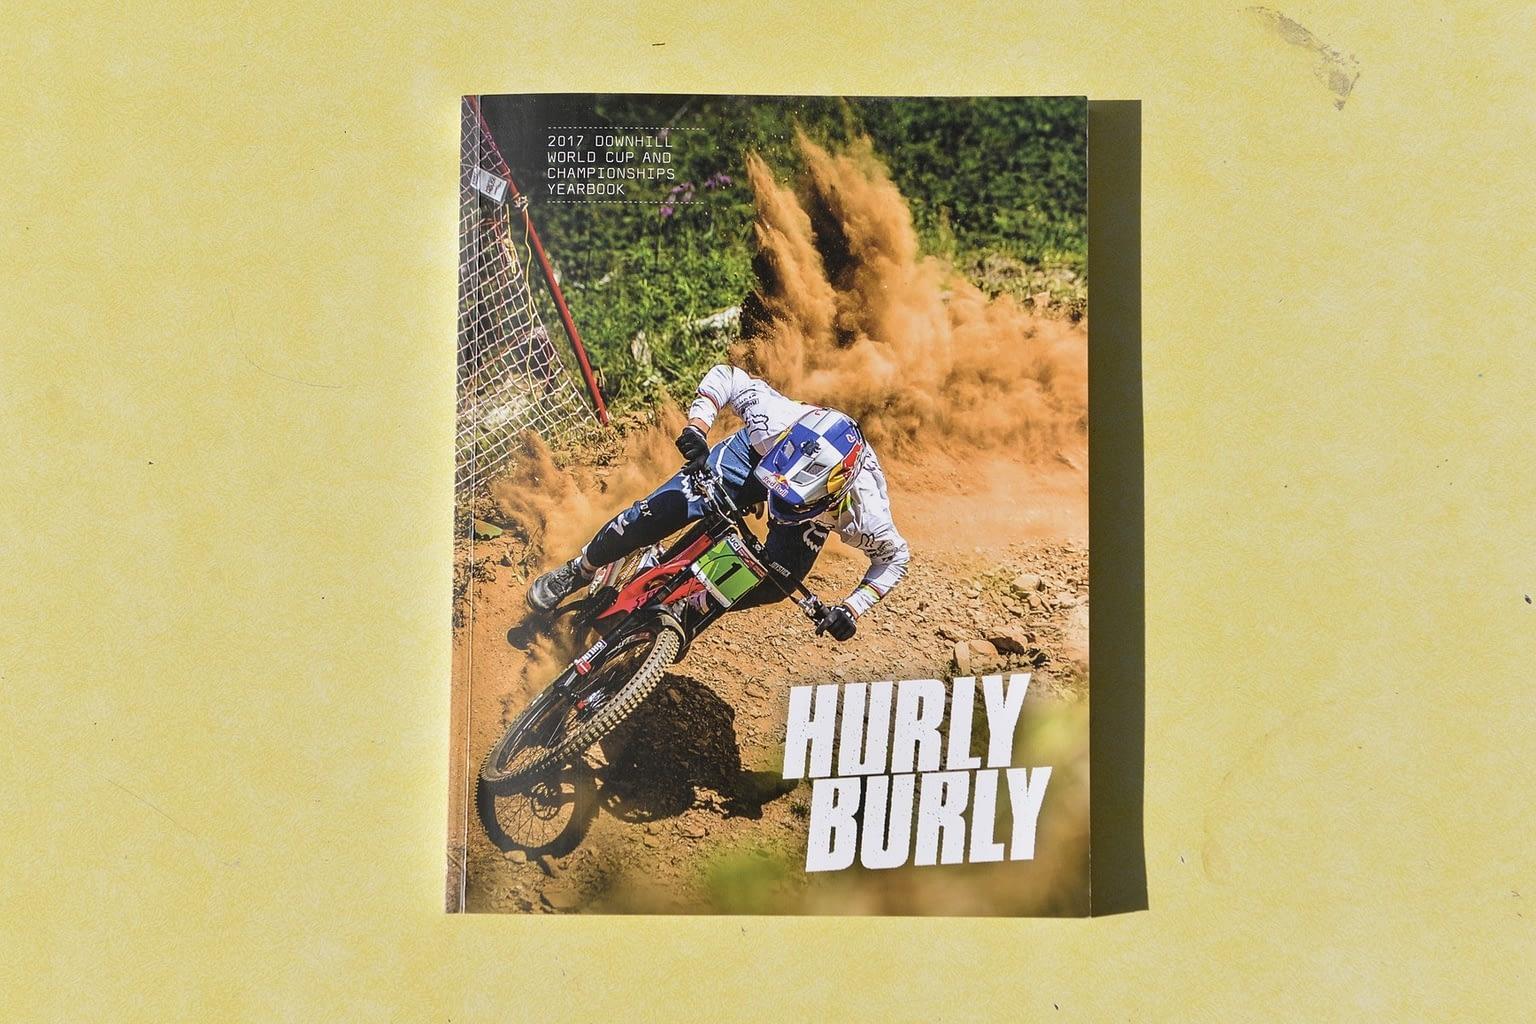 Hurly Burly book